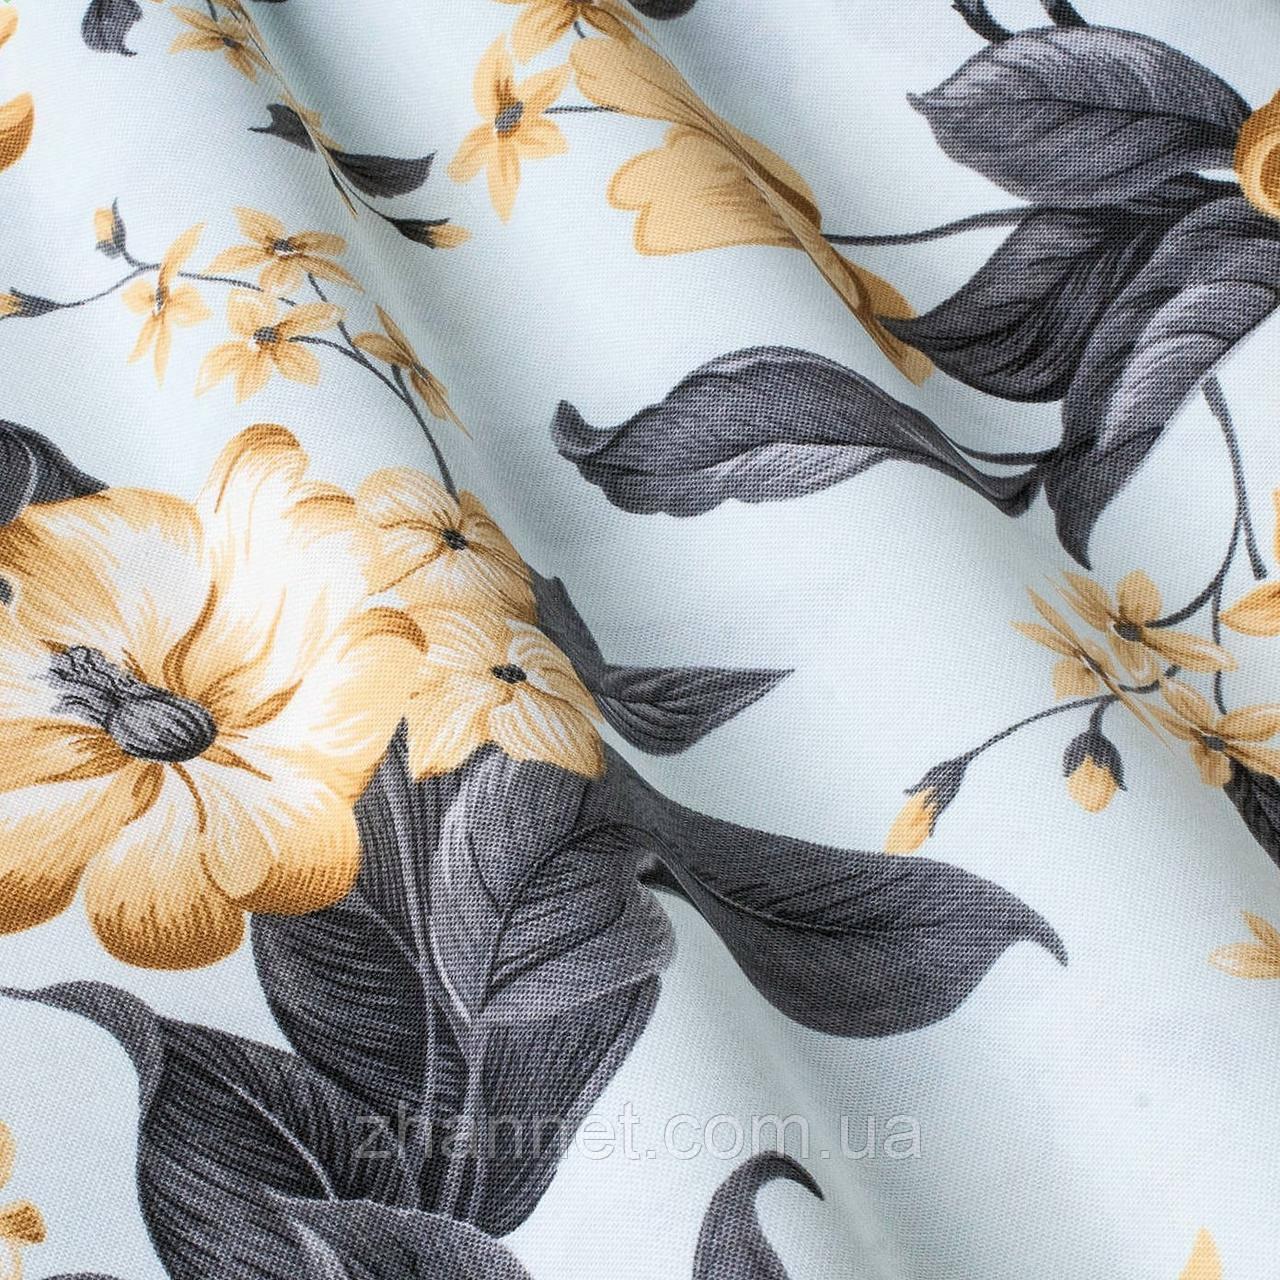 Ткань для штор Gloria Цветы мандариновый 180 см (0814545)